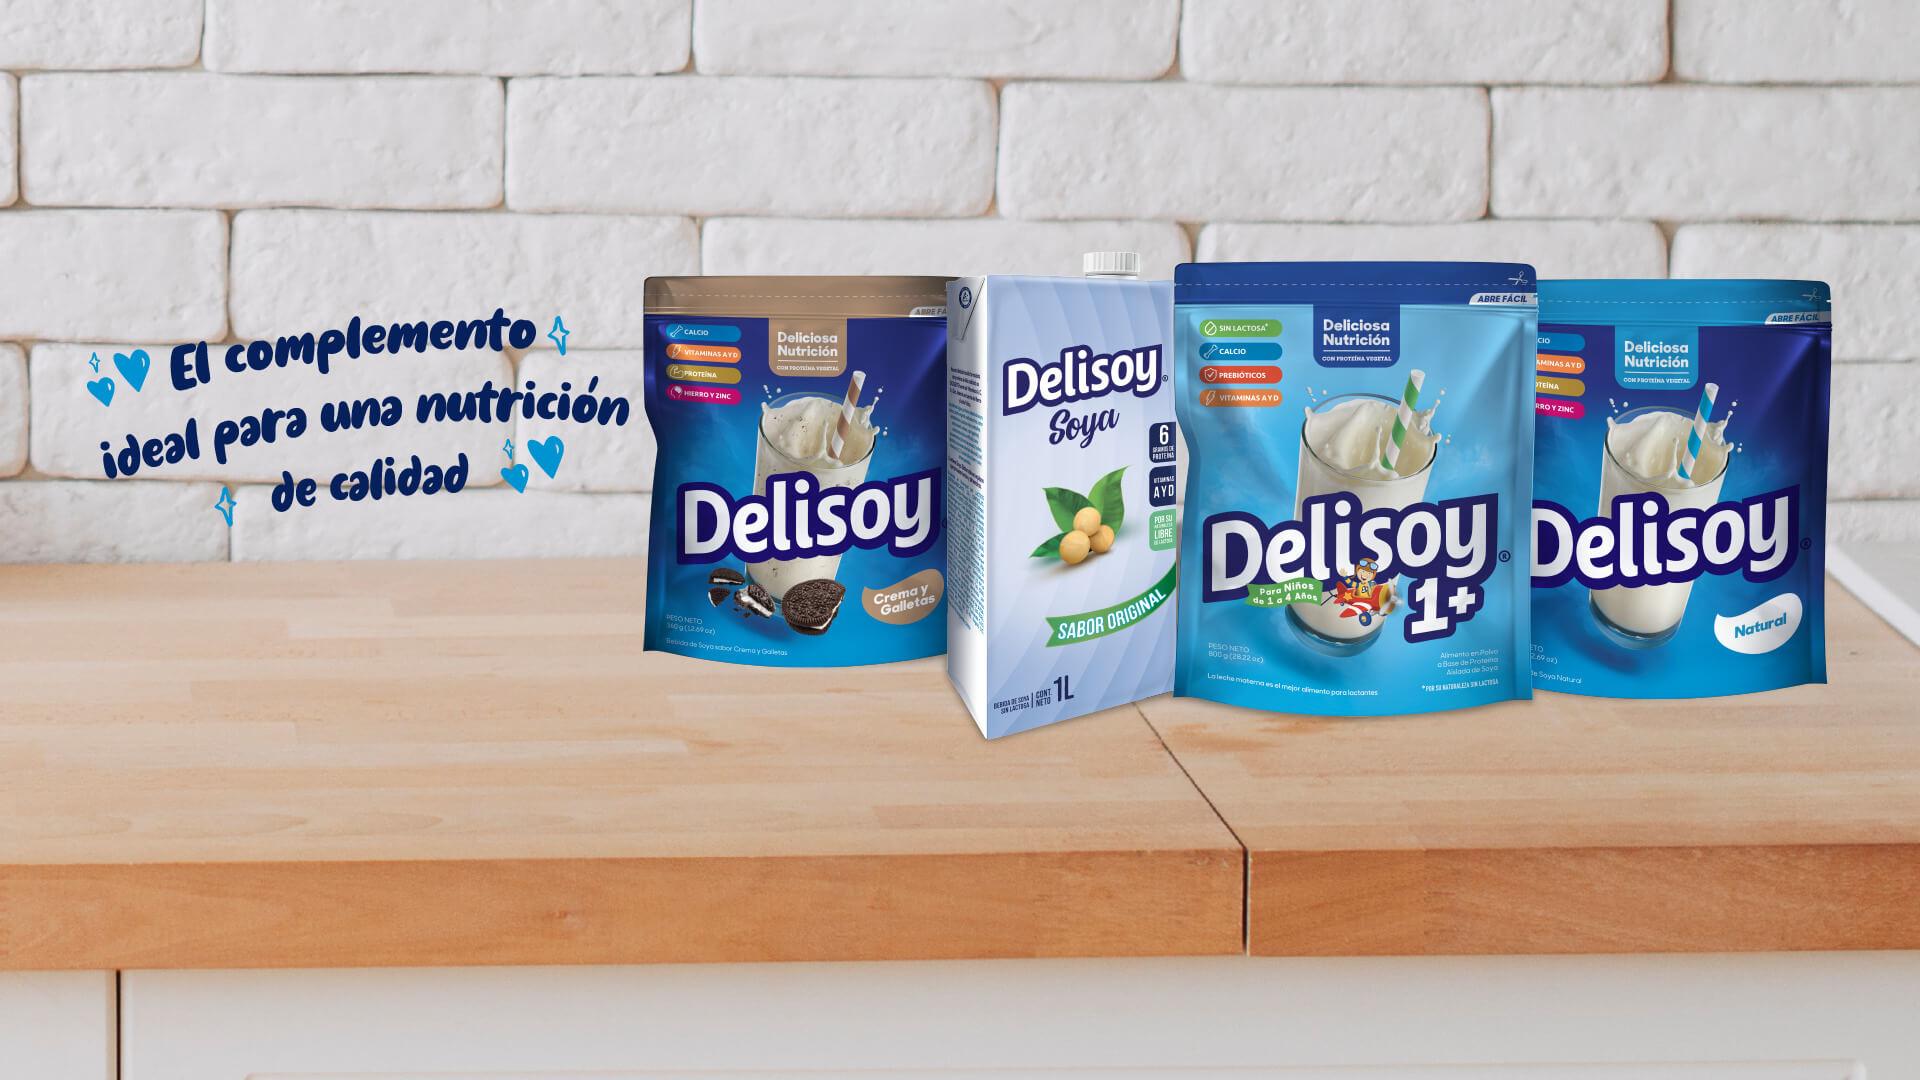 Complemento ideal para una nutrición de calidad